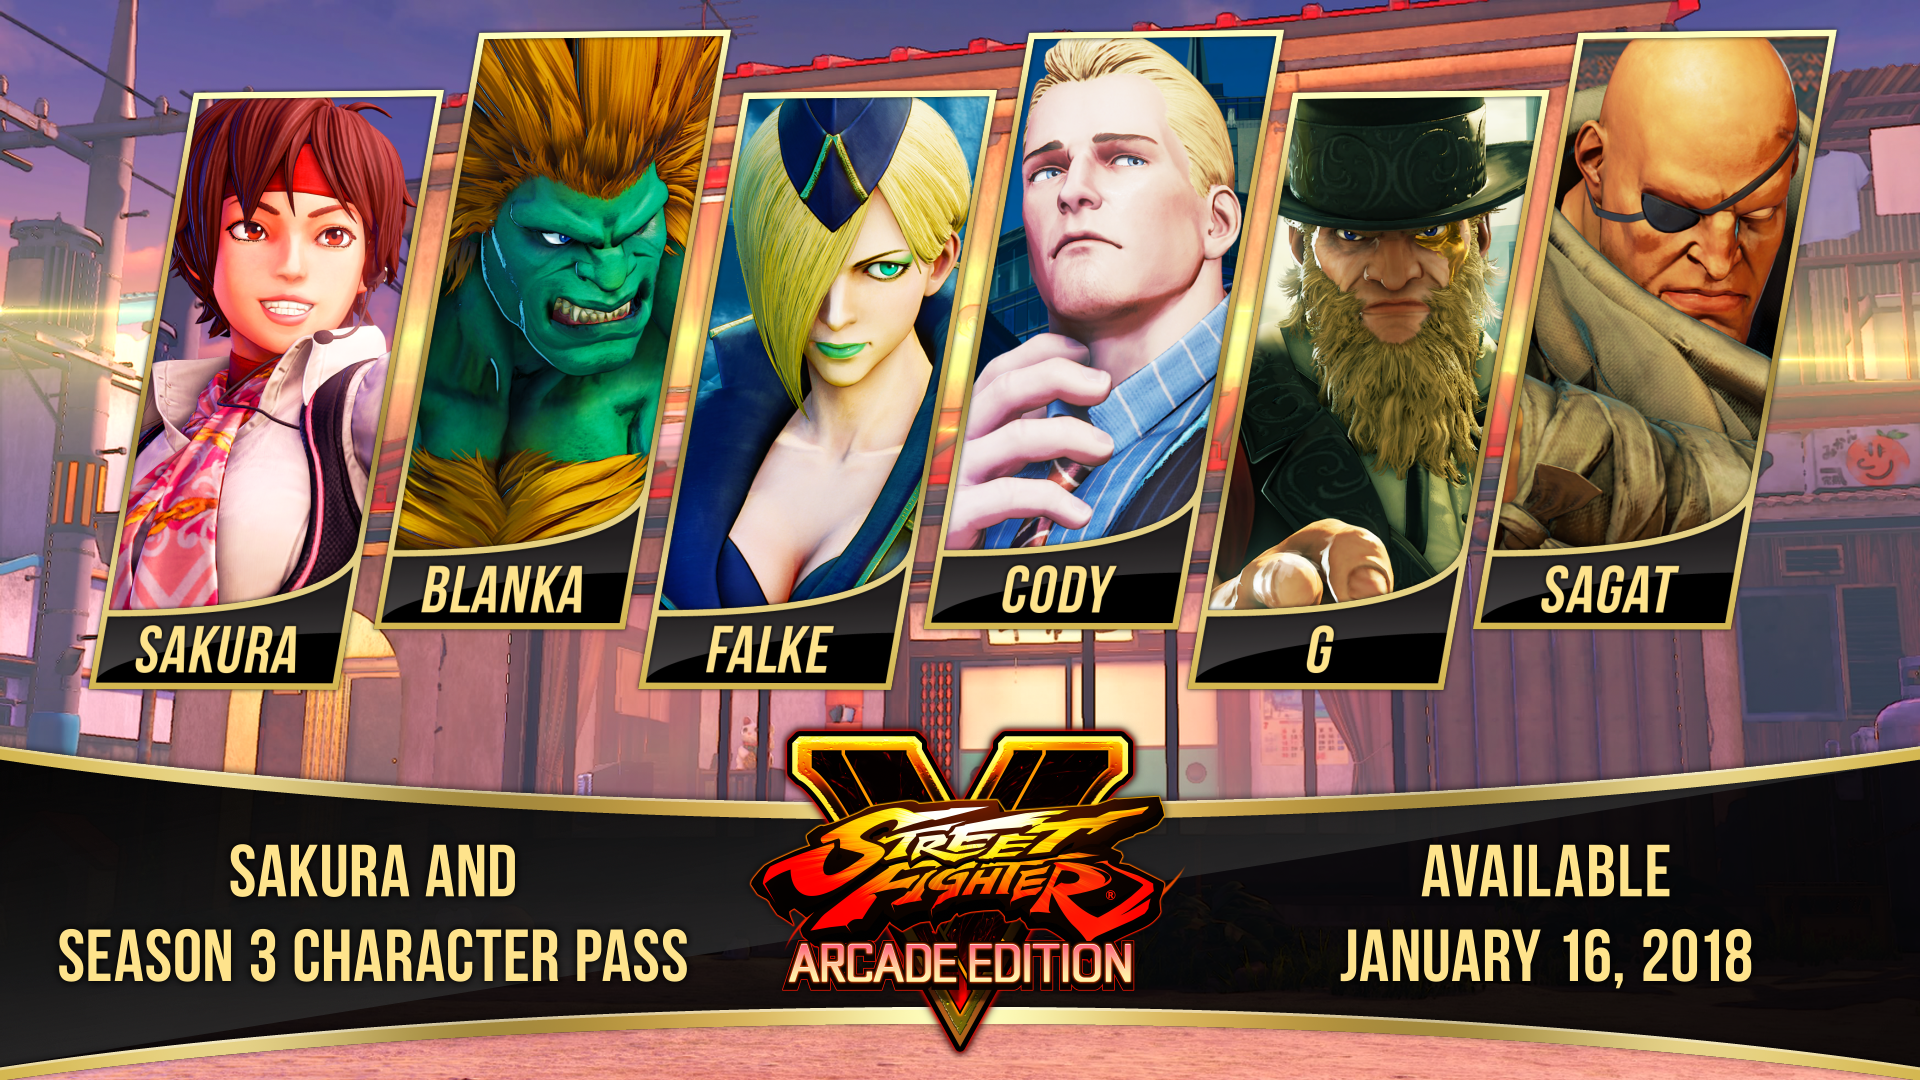 Street Fighter V: Arcade Edition - Season 3